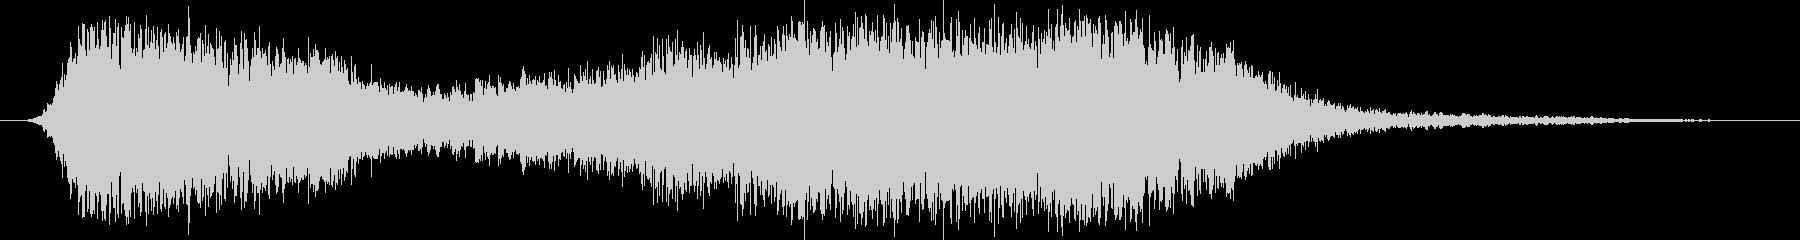 マインドトラップ:絶え間ない叫び声...の未再生の波形